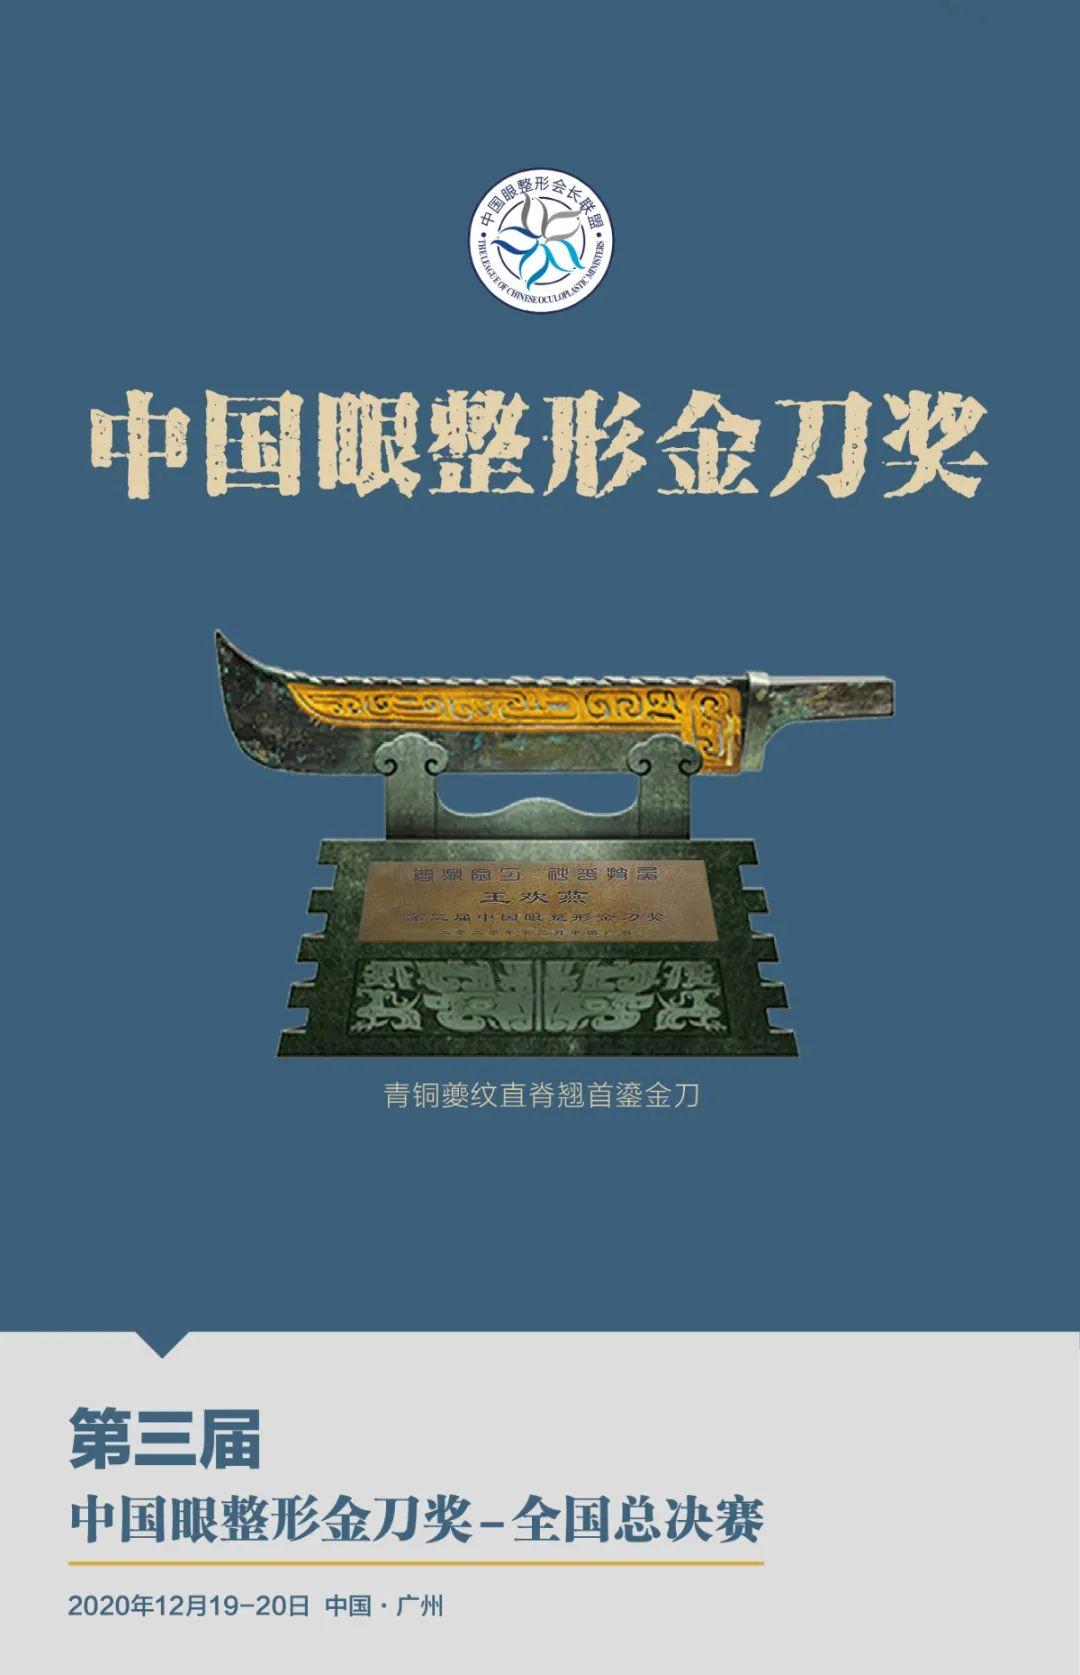 喜报!我院王欢燕副院长荣获第三届中国眼整形金刀奖全国总决赛金刀奖!